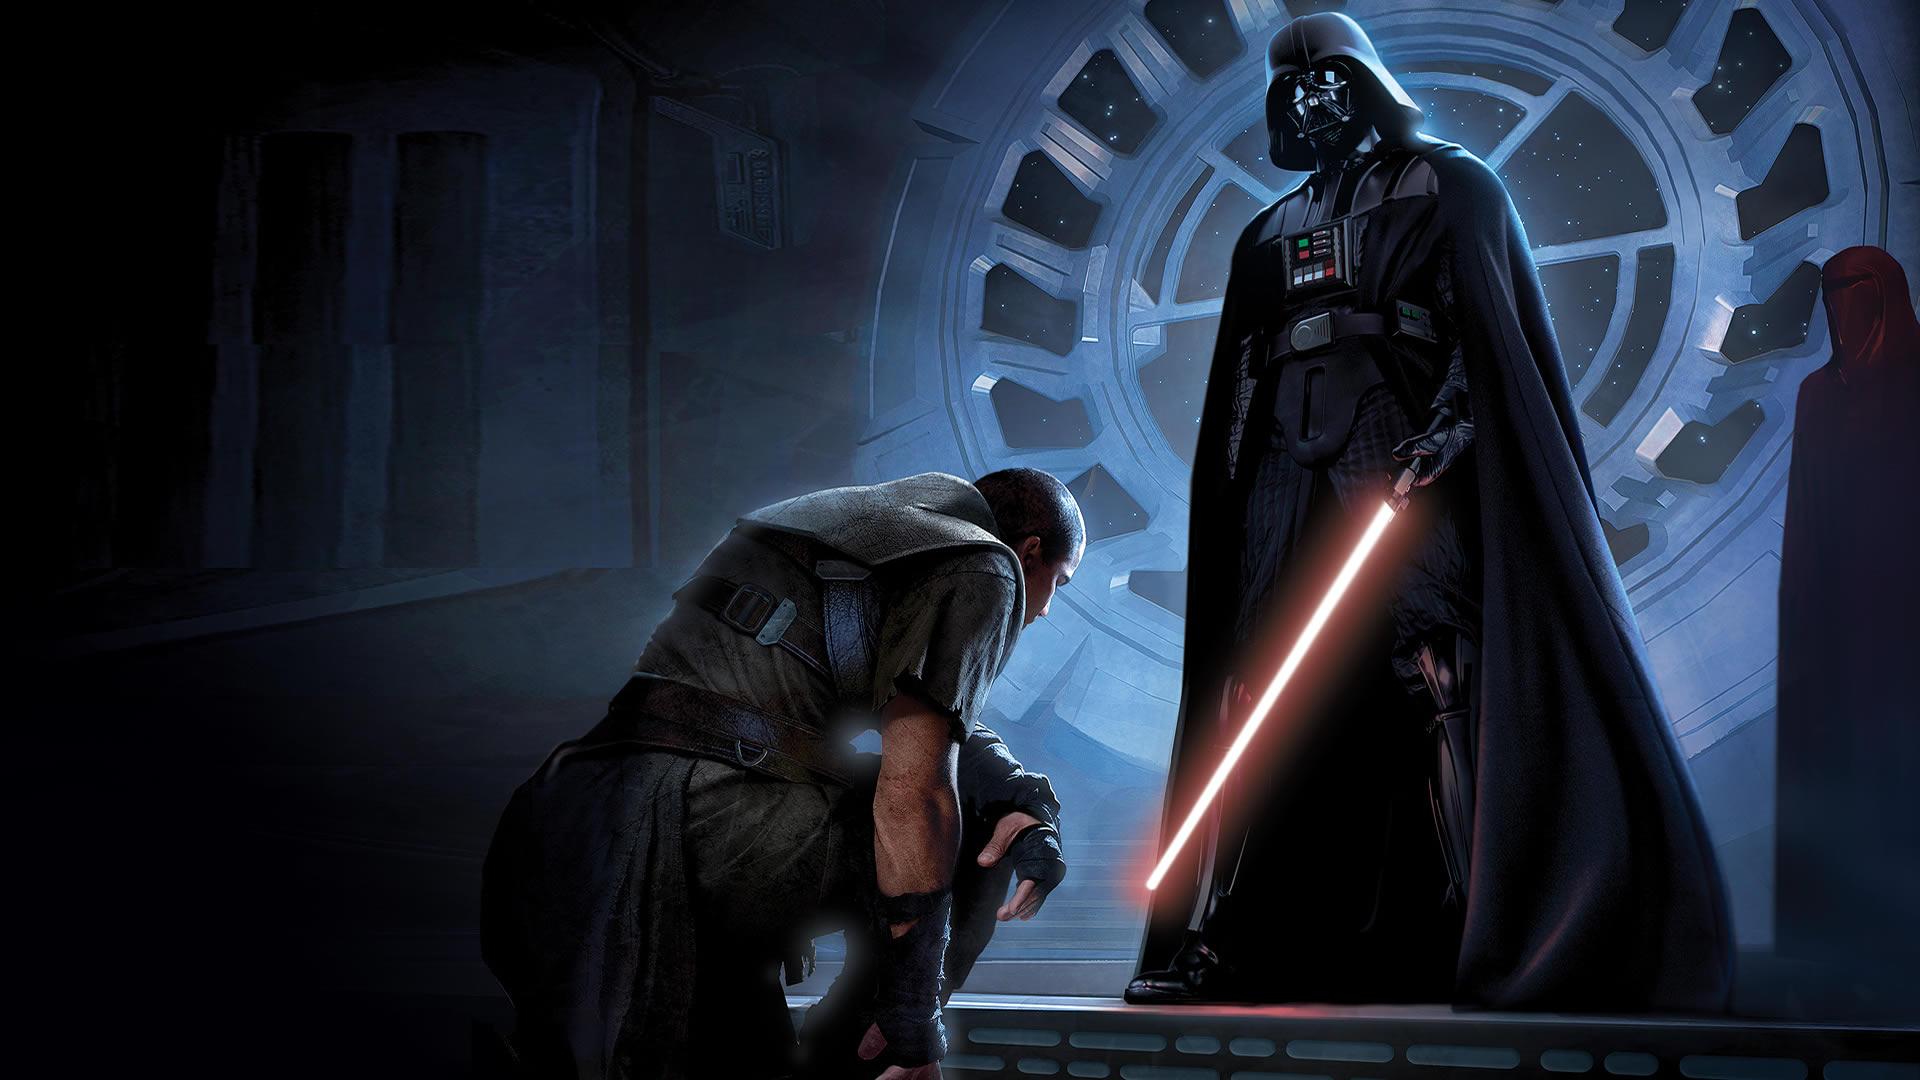 Darth Vader Wallpaper 1920X1080 wallpaper   275065 1920x1080